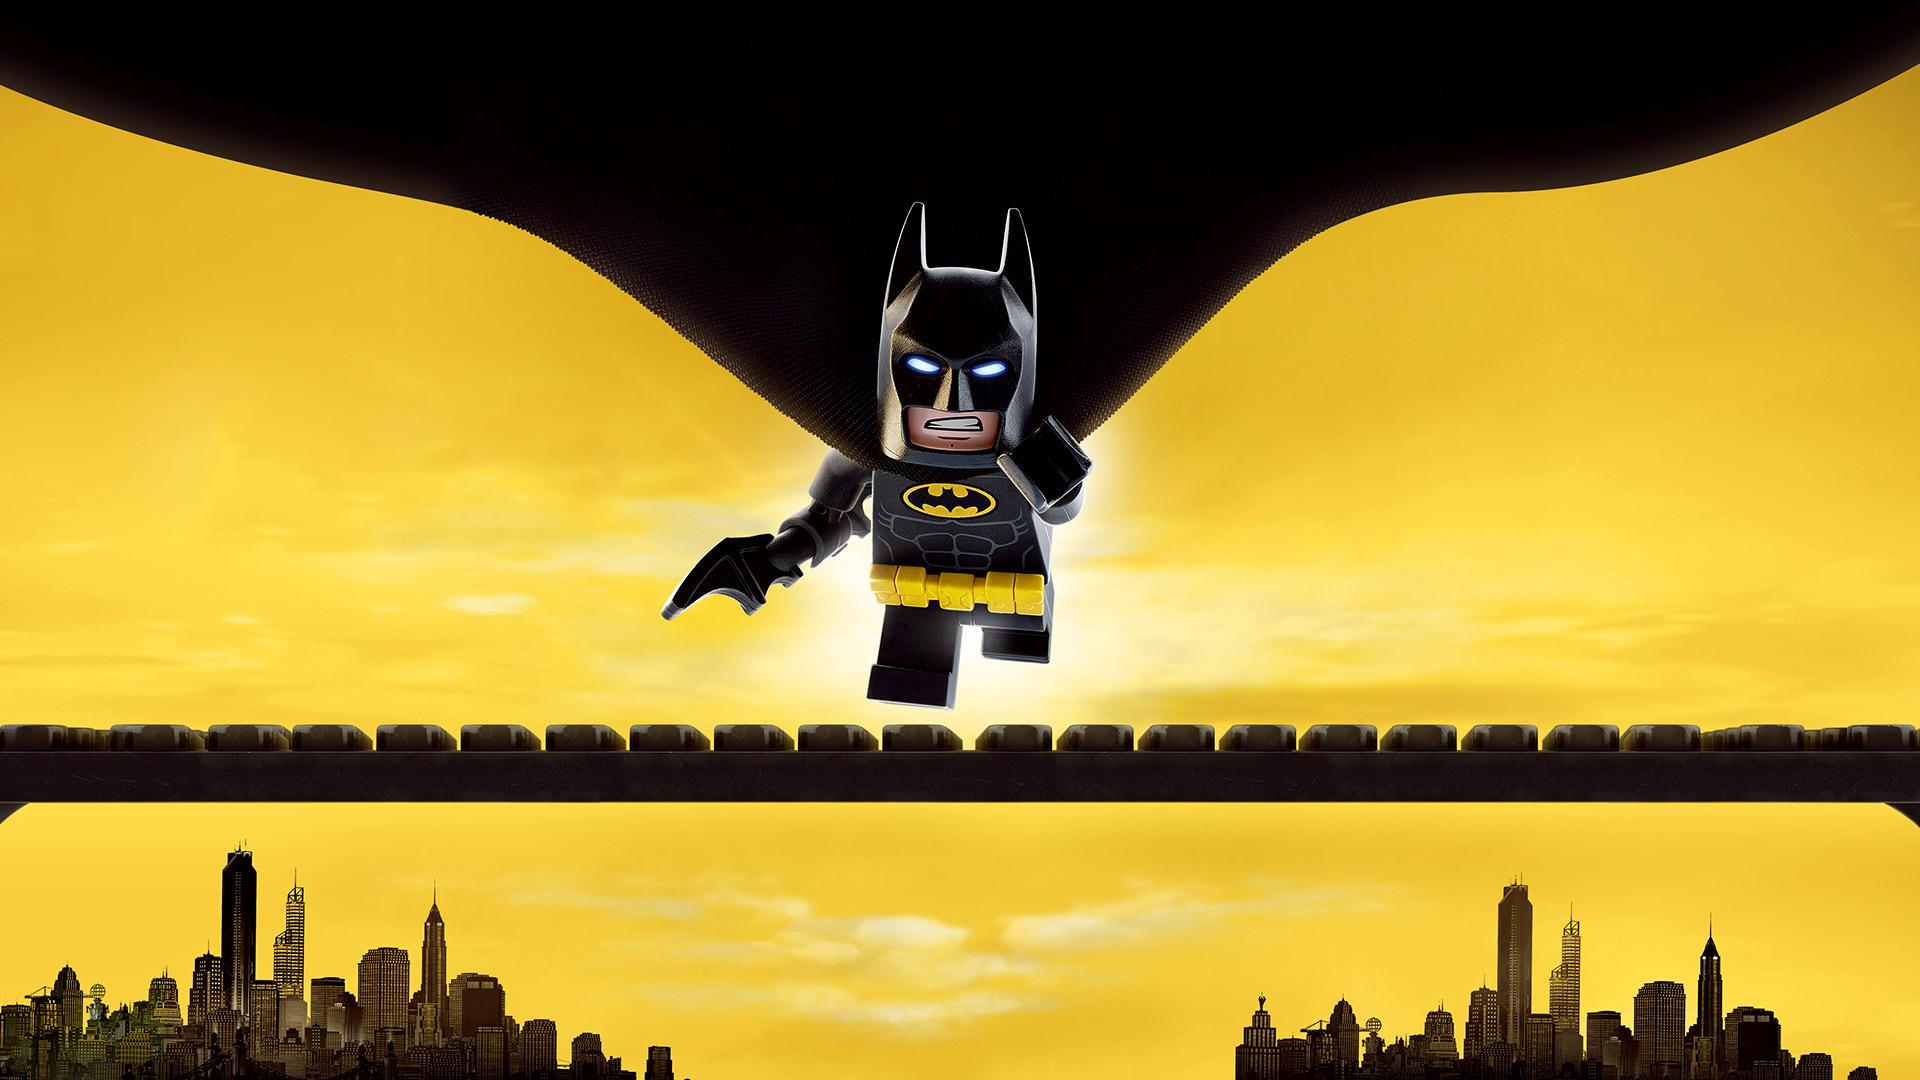 Fondos De Pantalla Wallpapers Gratis: Fondos De Pantalla De Batman La Lego Pelicula, Wallpapers